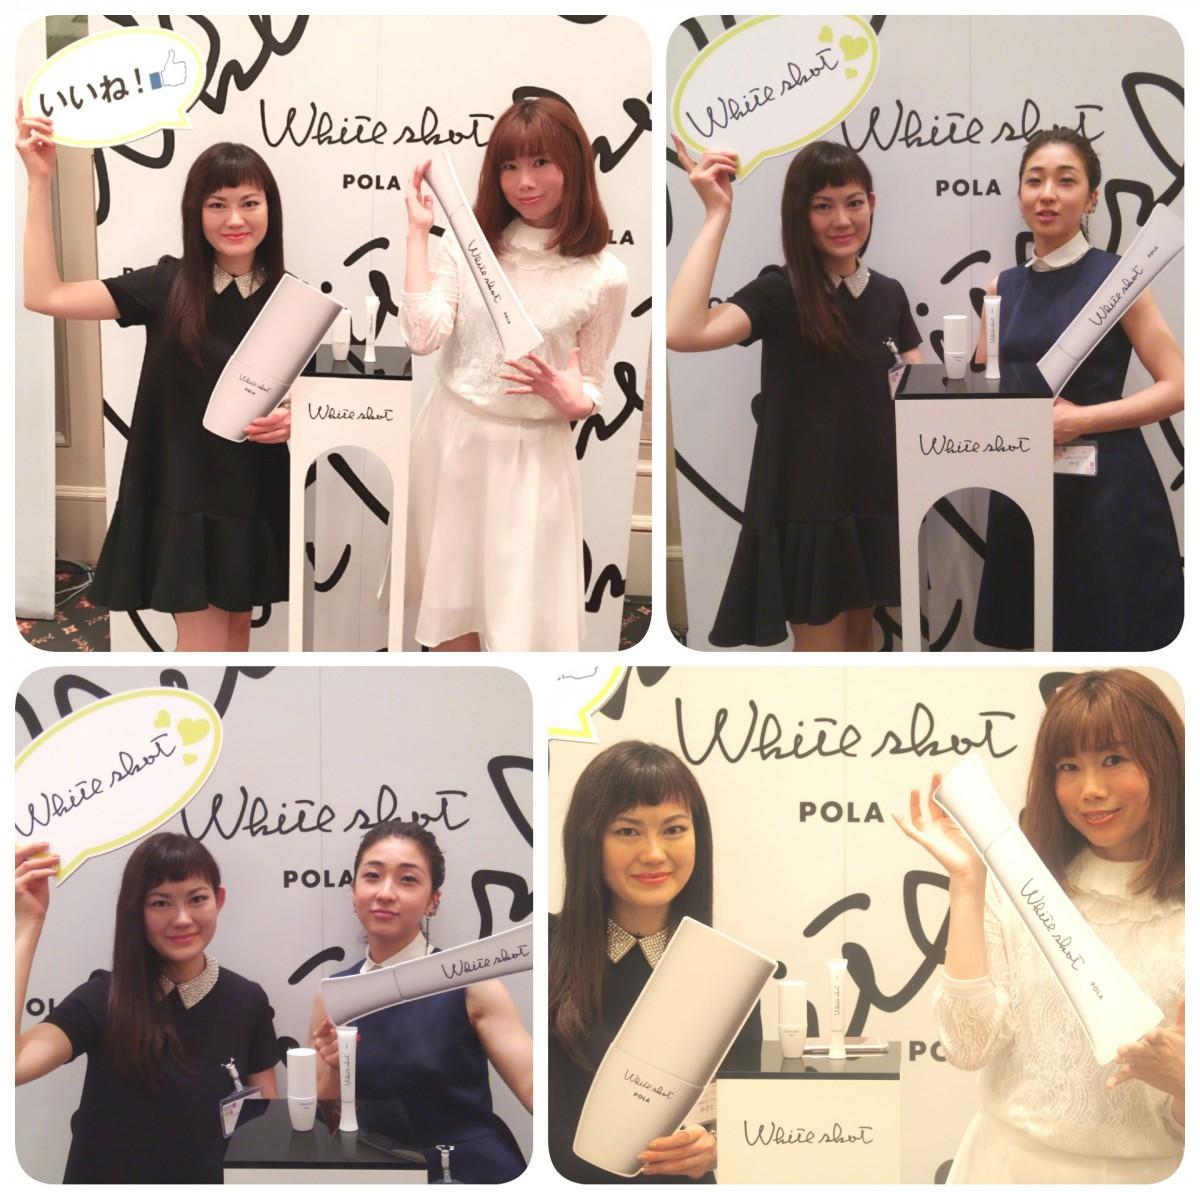 ◆【ビューティ★シェアレポ】私達は自ら白く透明感のあるお肌になれるチカラを持っている!ポーラブースにて◆